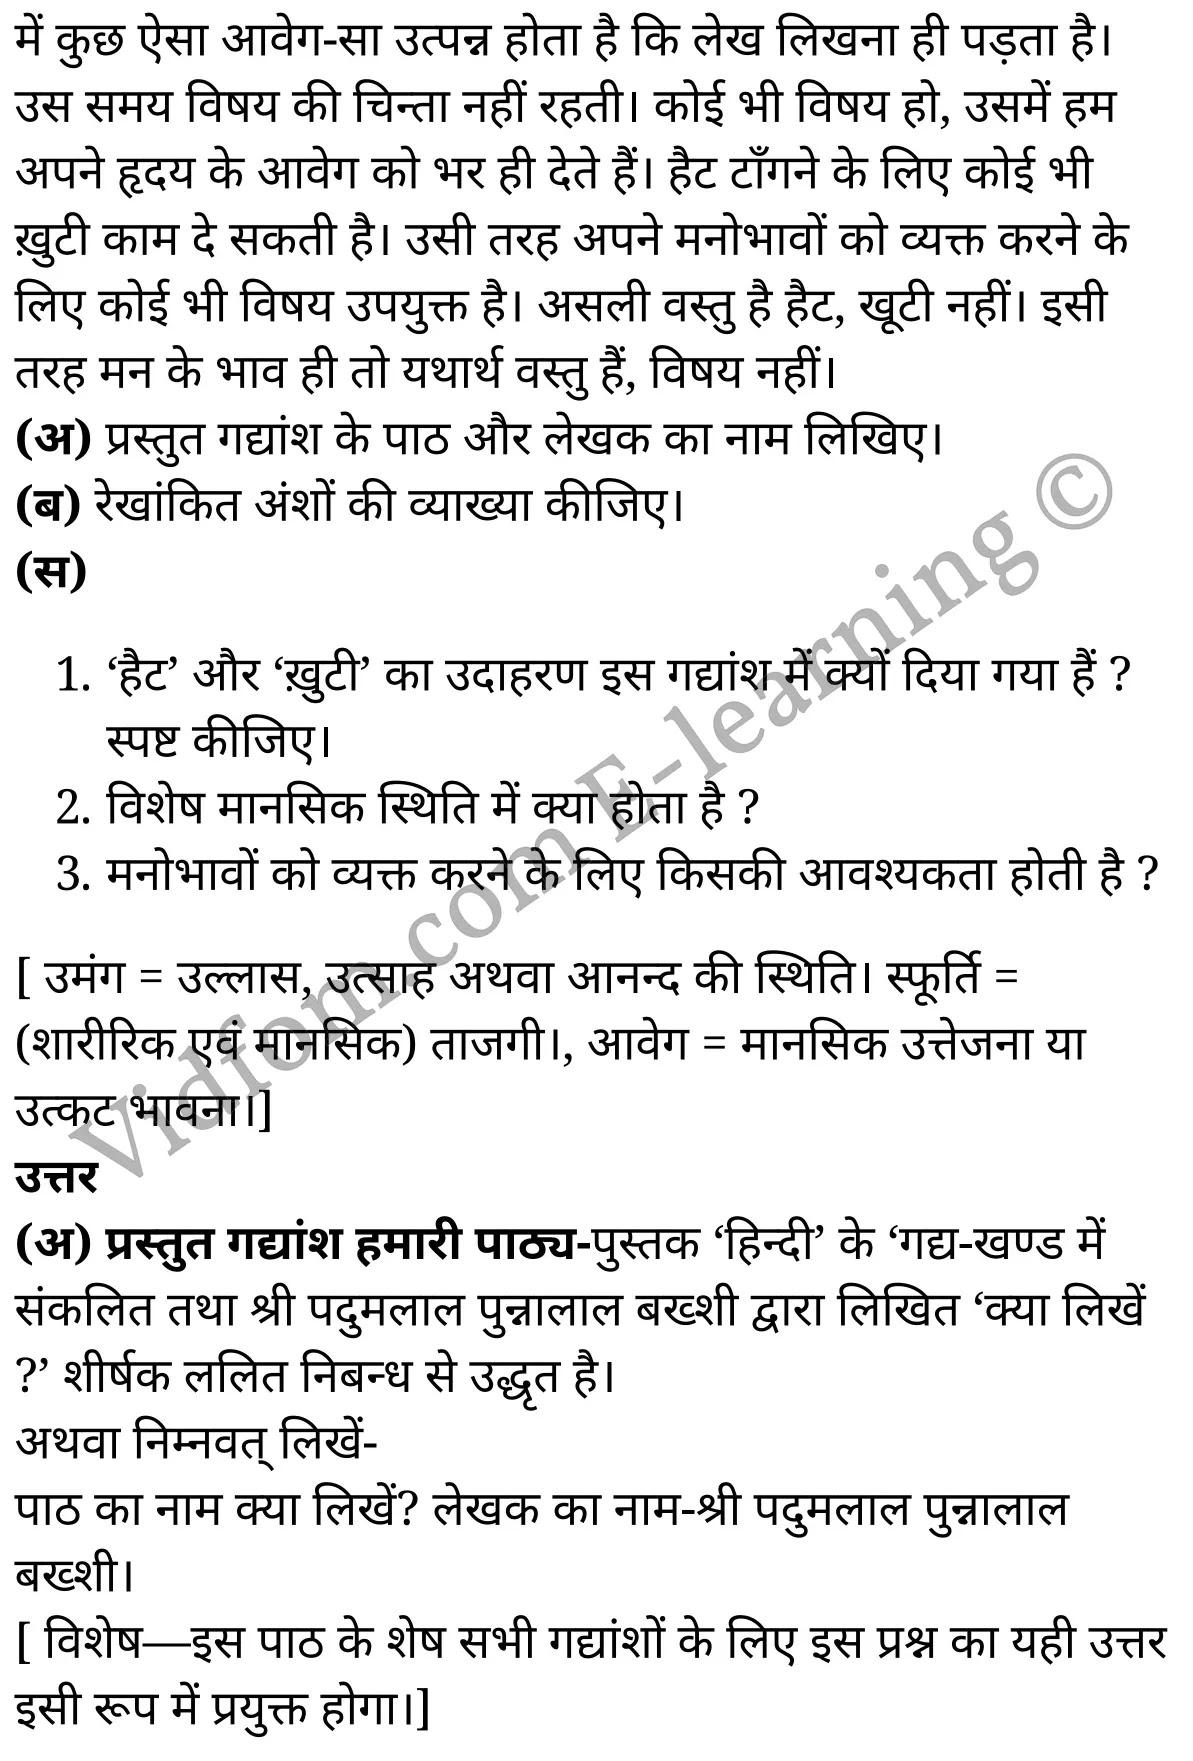 कक्षा 10 हिंदी  के नोट्स  हिंदी में एनसीईआरटी समाधान,     class 10 Hindi Gadya Chapter 3,   class 10 Hindi Gadya Chapter 3 ncert solutions in Hindi,   class 10 Hindi Gadya Chapter 3 notes in hindi,   class 10 Hindi Gadya Chapter 3 question answer,   class 10 Hindi Gadya Chapter 3 notes,   class 10 Hindi Gadya Chapter 3 class 10 Hindi Gadya Chapter 3 in  hindi,    class 10 Hindi Gadya Chapter 3 important questions in  hindi,   class 10 Hindi Gadya Chapter 3 notes in hindi,    class 10 Hindi Gadya Chapter 3 test,   class 10 Hindi Gadya Chapter 3 pdf,   class 10 Hindi Gadya Chapter 3 notes pdf,   class 10 Hindi Gadya Chapter 3 exercise solutions,   class 10 Hindi Gadya Chapter 3 notes study rankers,   class 10 Hindi Gadya Chapter 3 notes,    class 10 Hindi Gadya Chapter 3  class 10  notes pdf,   class 10 Hindi Gadya Chapter 3 class 10  notes  ncert,   class 10 Hindi Gadya Chapter 3 class 10 pdf,   class 10 Hindi Gadya Chapter 3  book,   class 10 Hindi Gadya Chapter 3 quiz class 10  ,   कक्षा 10 क्या लिखें,  कक्षा 10 क्या लिखें  के नोट्स हिंदी में,  कक्षा 10 क्या लिखें प्रश्न उत्तर,  कक्षा 10 क्या लिखें के नोट्स,  10 कक्षा क्या लिखें  हिंदी में, कक्षा 10 क्या लिखें  हिंदी में,  कक्षा 10 क्या लिखें  महत्वपूर्ण प्रश्न हिंदी में, कक्षा 10 हिंदी के नोट्स  हिंदी में, क्या लिखें हिंदी में कक्षा 10 नोट्स pdf,    क्या लिखें हिंदी में  कक्षा 10 नोट्स 2021 ncert,   क्या लिखें हिंदी  कक्षा 10 pdf,   क्या लिखें हिंदी में  पुस्तक,   क्या लिखें हिंदी में की बुक,   क्या लिखें हिंदी में  प्रश्नोत्तरी class 10 ,  10   वीं क्या लिखें  पुस्तक up board,   बिहार बोर्ड 10  पुस्तक वीं क्या लिखें नोट्स,    क्या लिखें  कक्षा 10 नोट्स 2021 ncert,   क्या लिखें  कक्षा 10 pdf,   क्या लिखें  पुस्तक,   क्या लिखें की बुक,   क्या लिखें प्रश्नोत्तरी class 10,   10  th class 10 Hindi Gadya Chapter 3  book up board,   up board 10  th class 10 Hindi Gadya Chapter 3 notes,  class 10 Hindi,   class 10 Hindi ncert solutions in Hindi,   class 10 Hindi notes in hindi,   class 10 Hindi question answer,   class 1